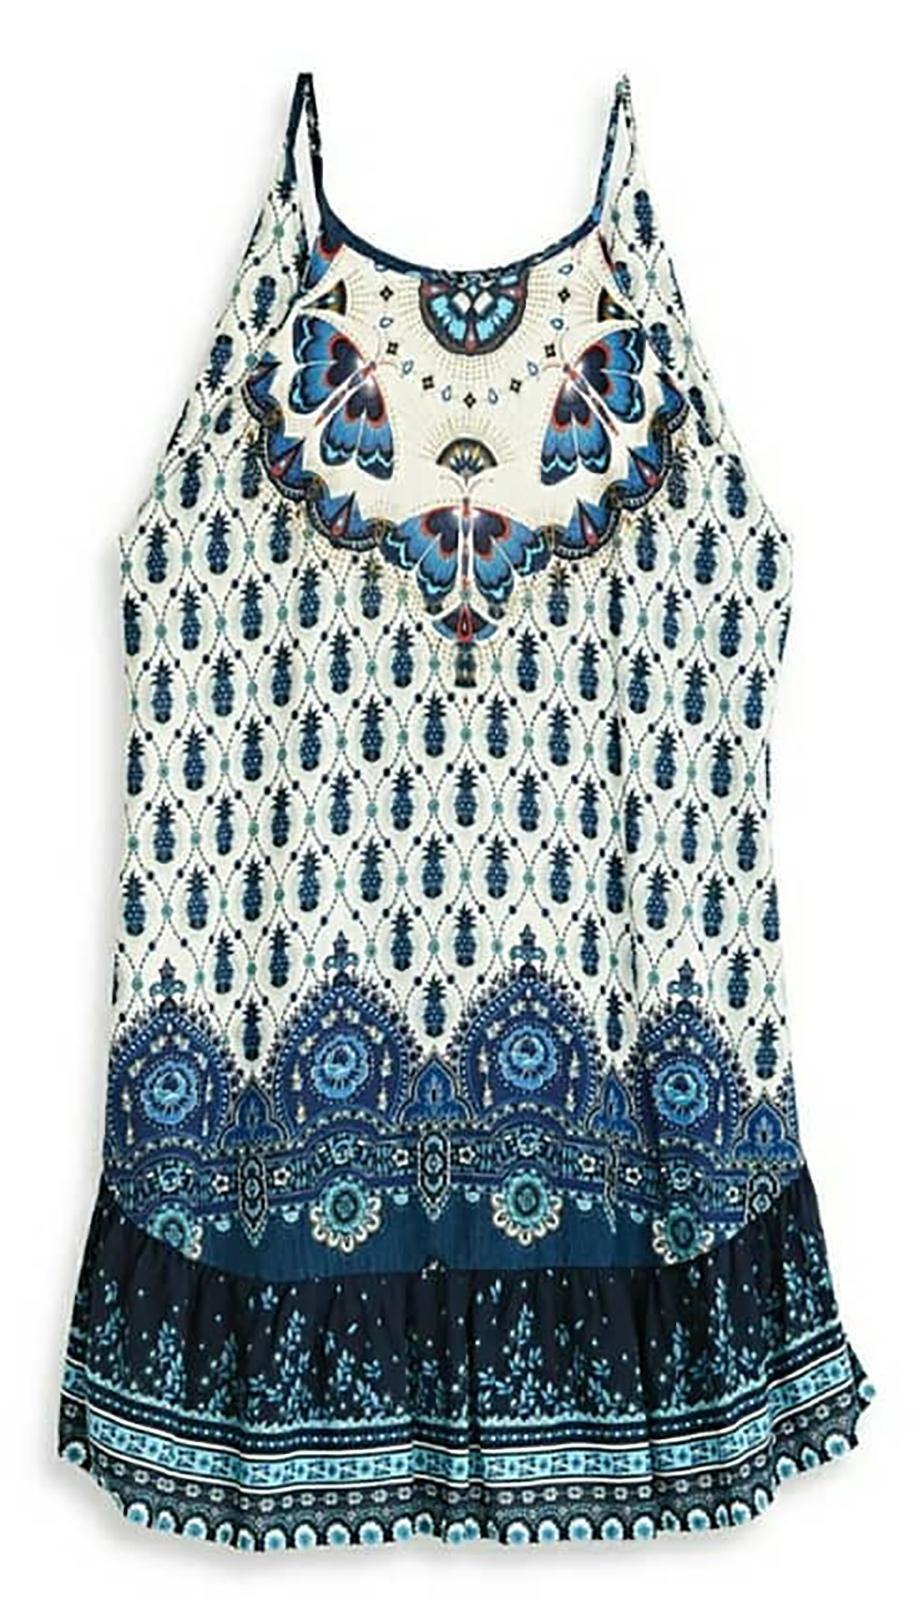 1a0e6805d4ac ... Vestido curto c/ padrão azul e costas abertas - VESTIDO CURTO DELICADEZA  DE VERÃO -